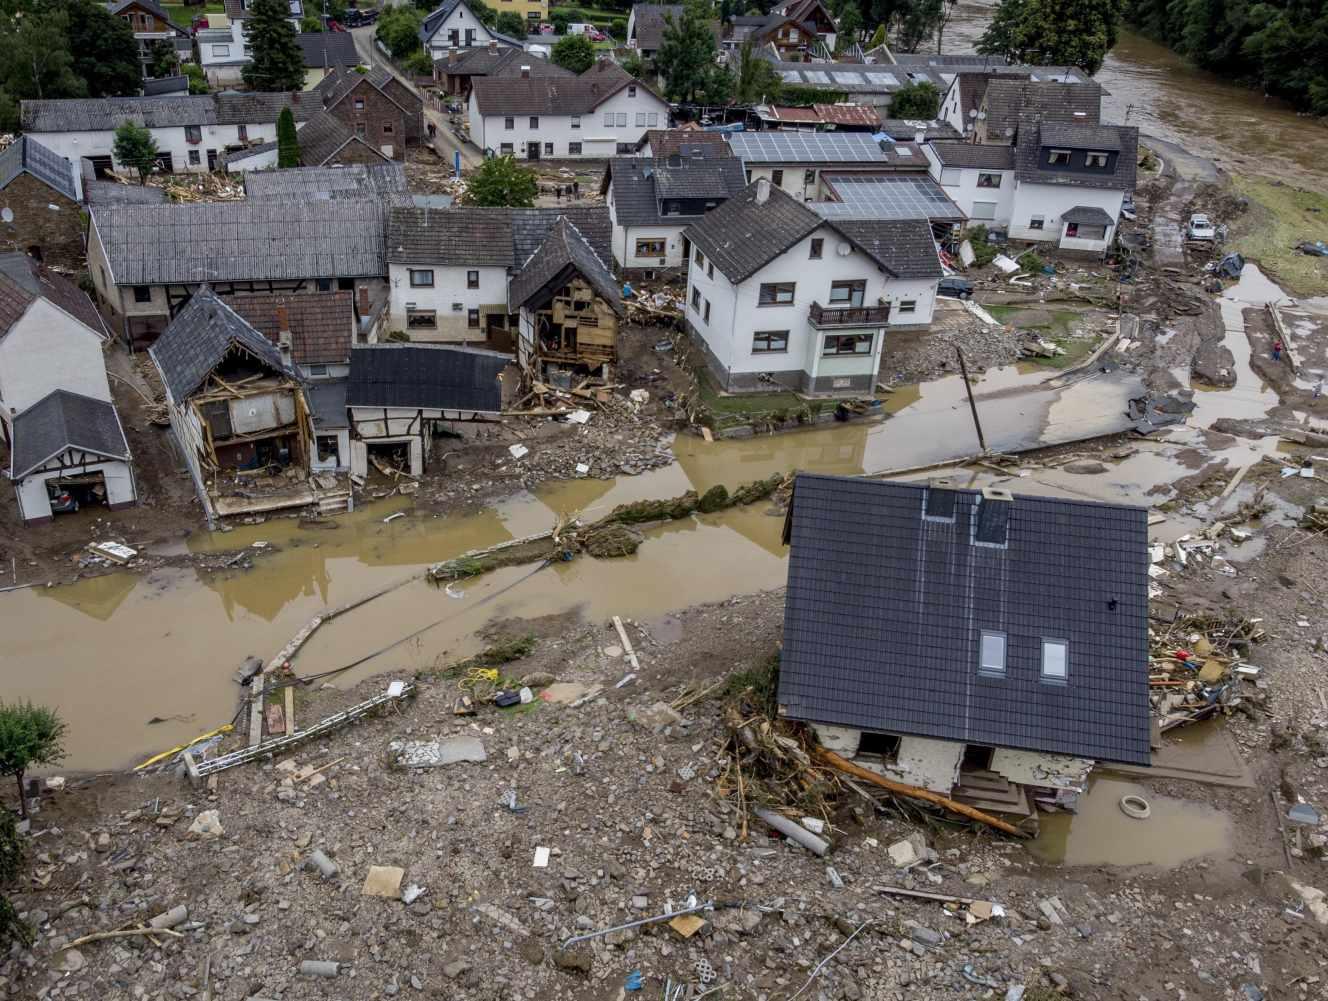 WWA-Etude : Le réchauffement climatique à l'origine des inondations en Allemagne et en Belgique